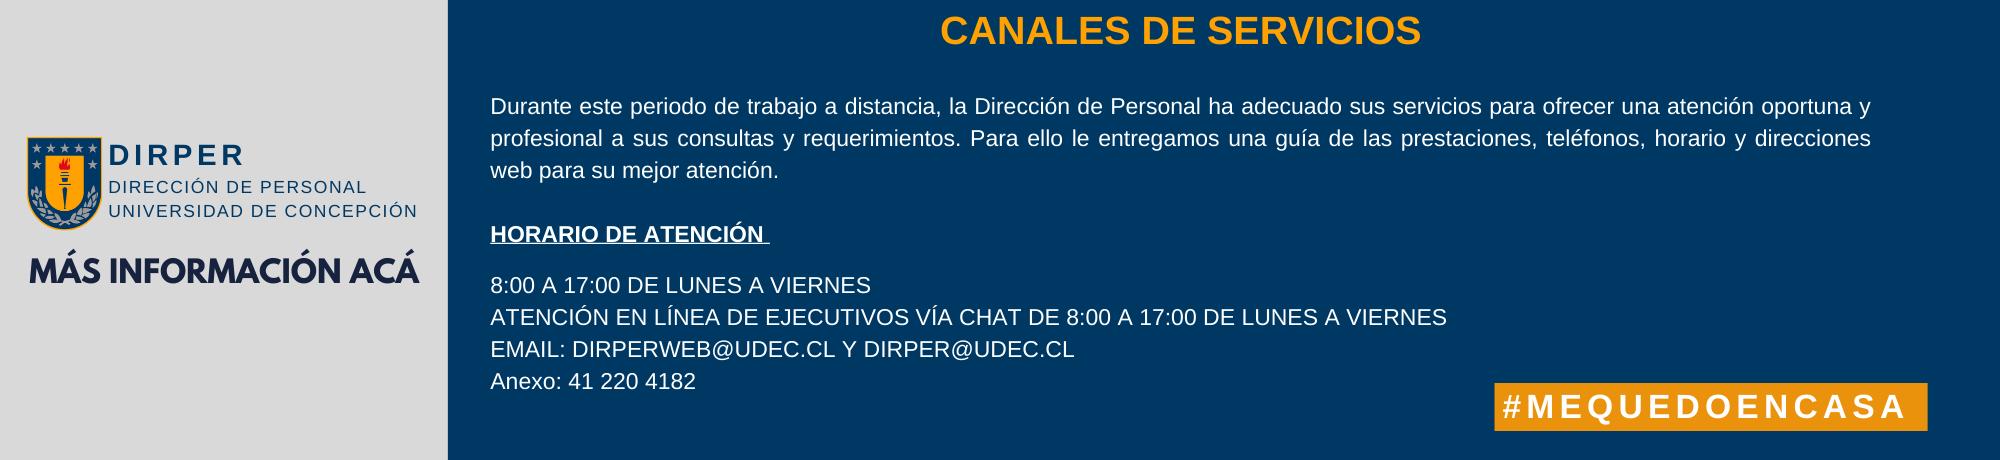 Canales Dirper